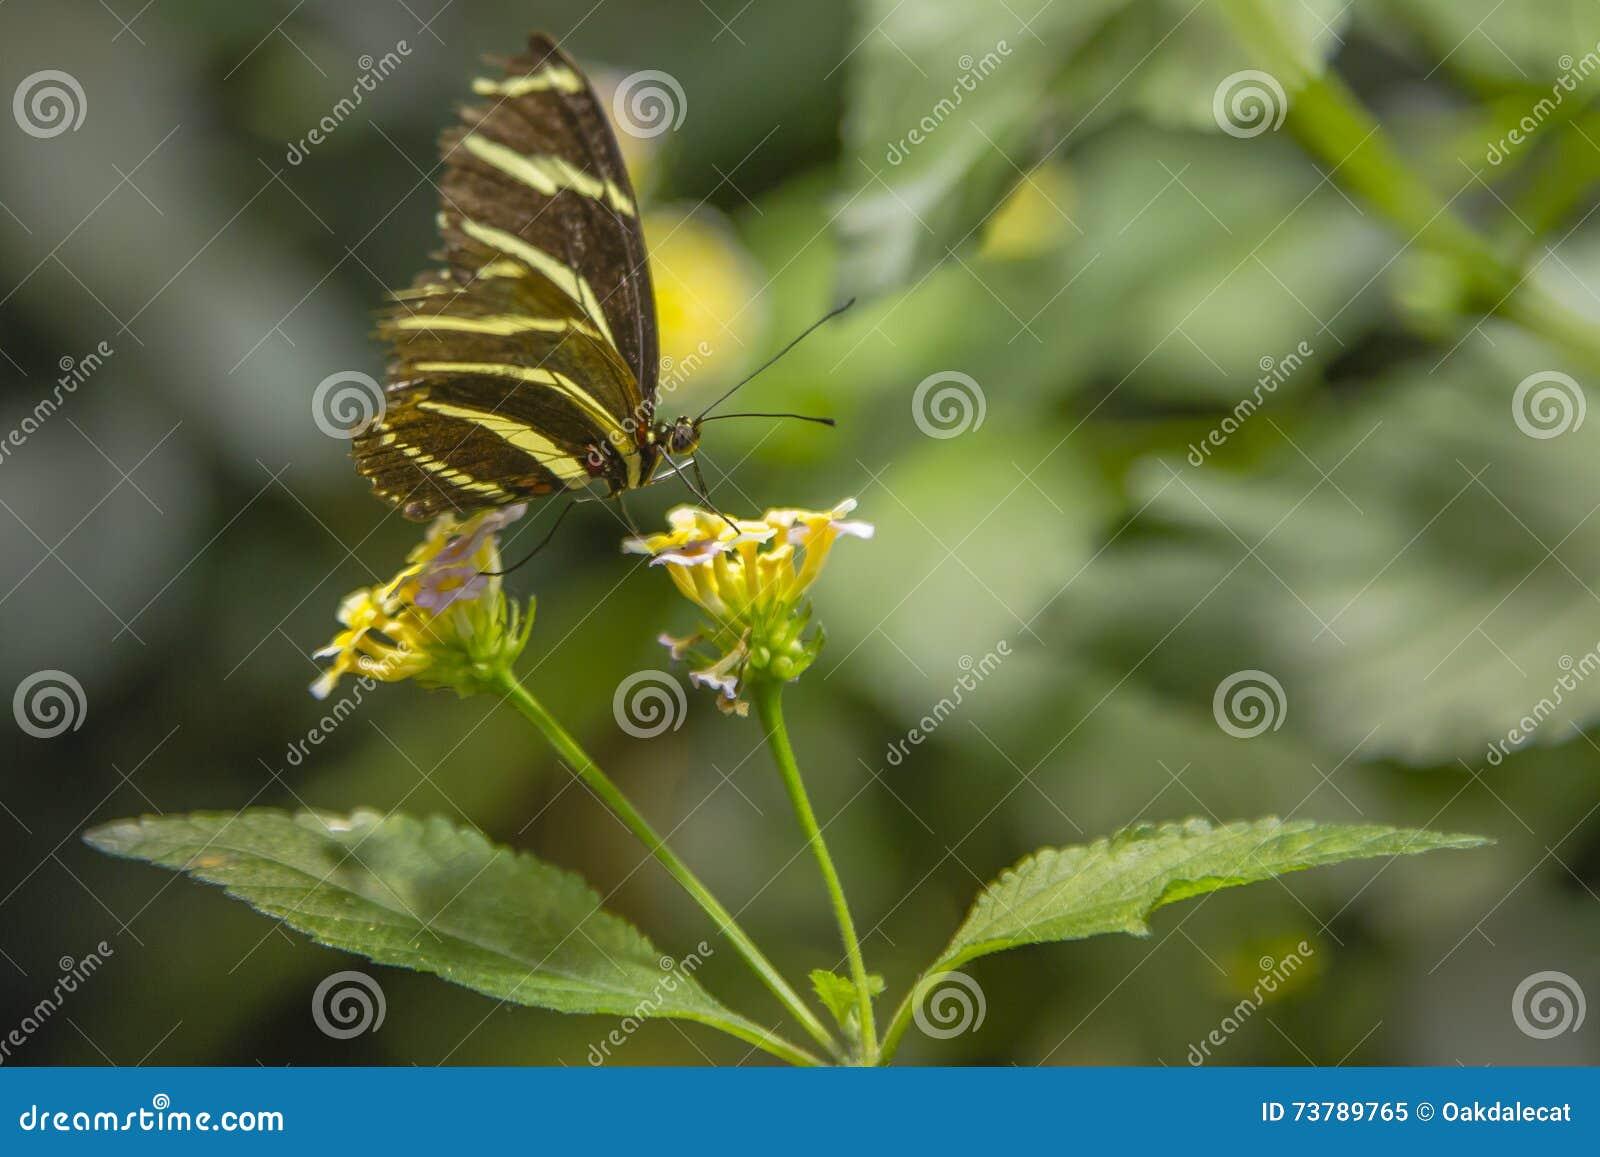 Zebra Longwing Butterfly Feeding